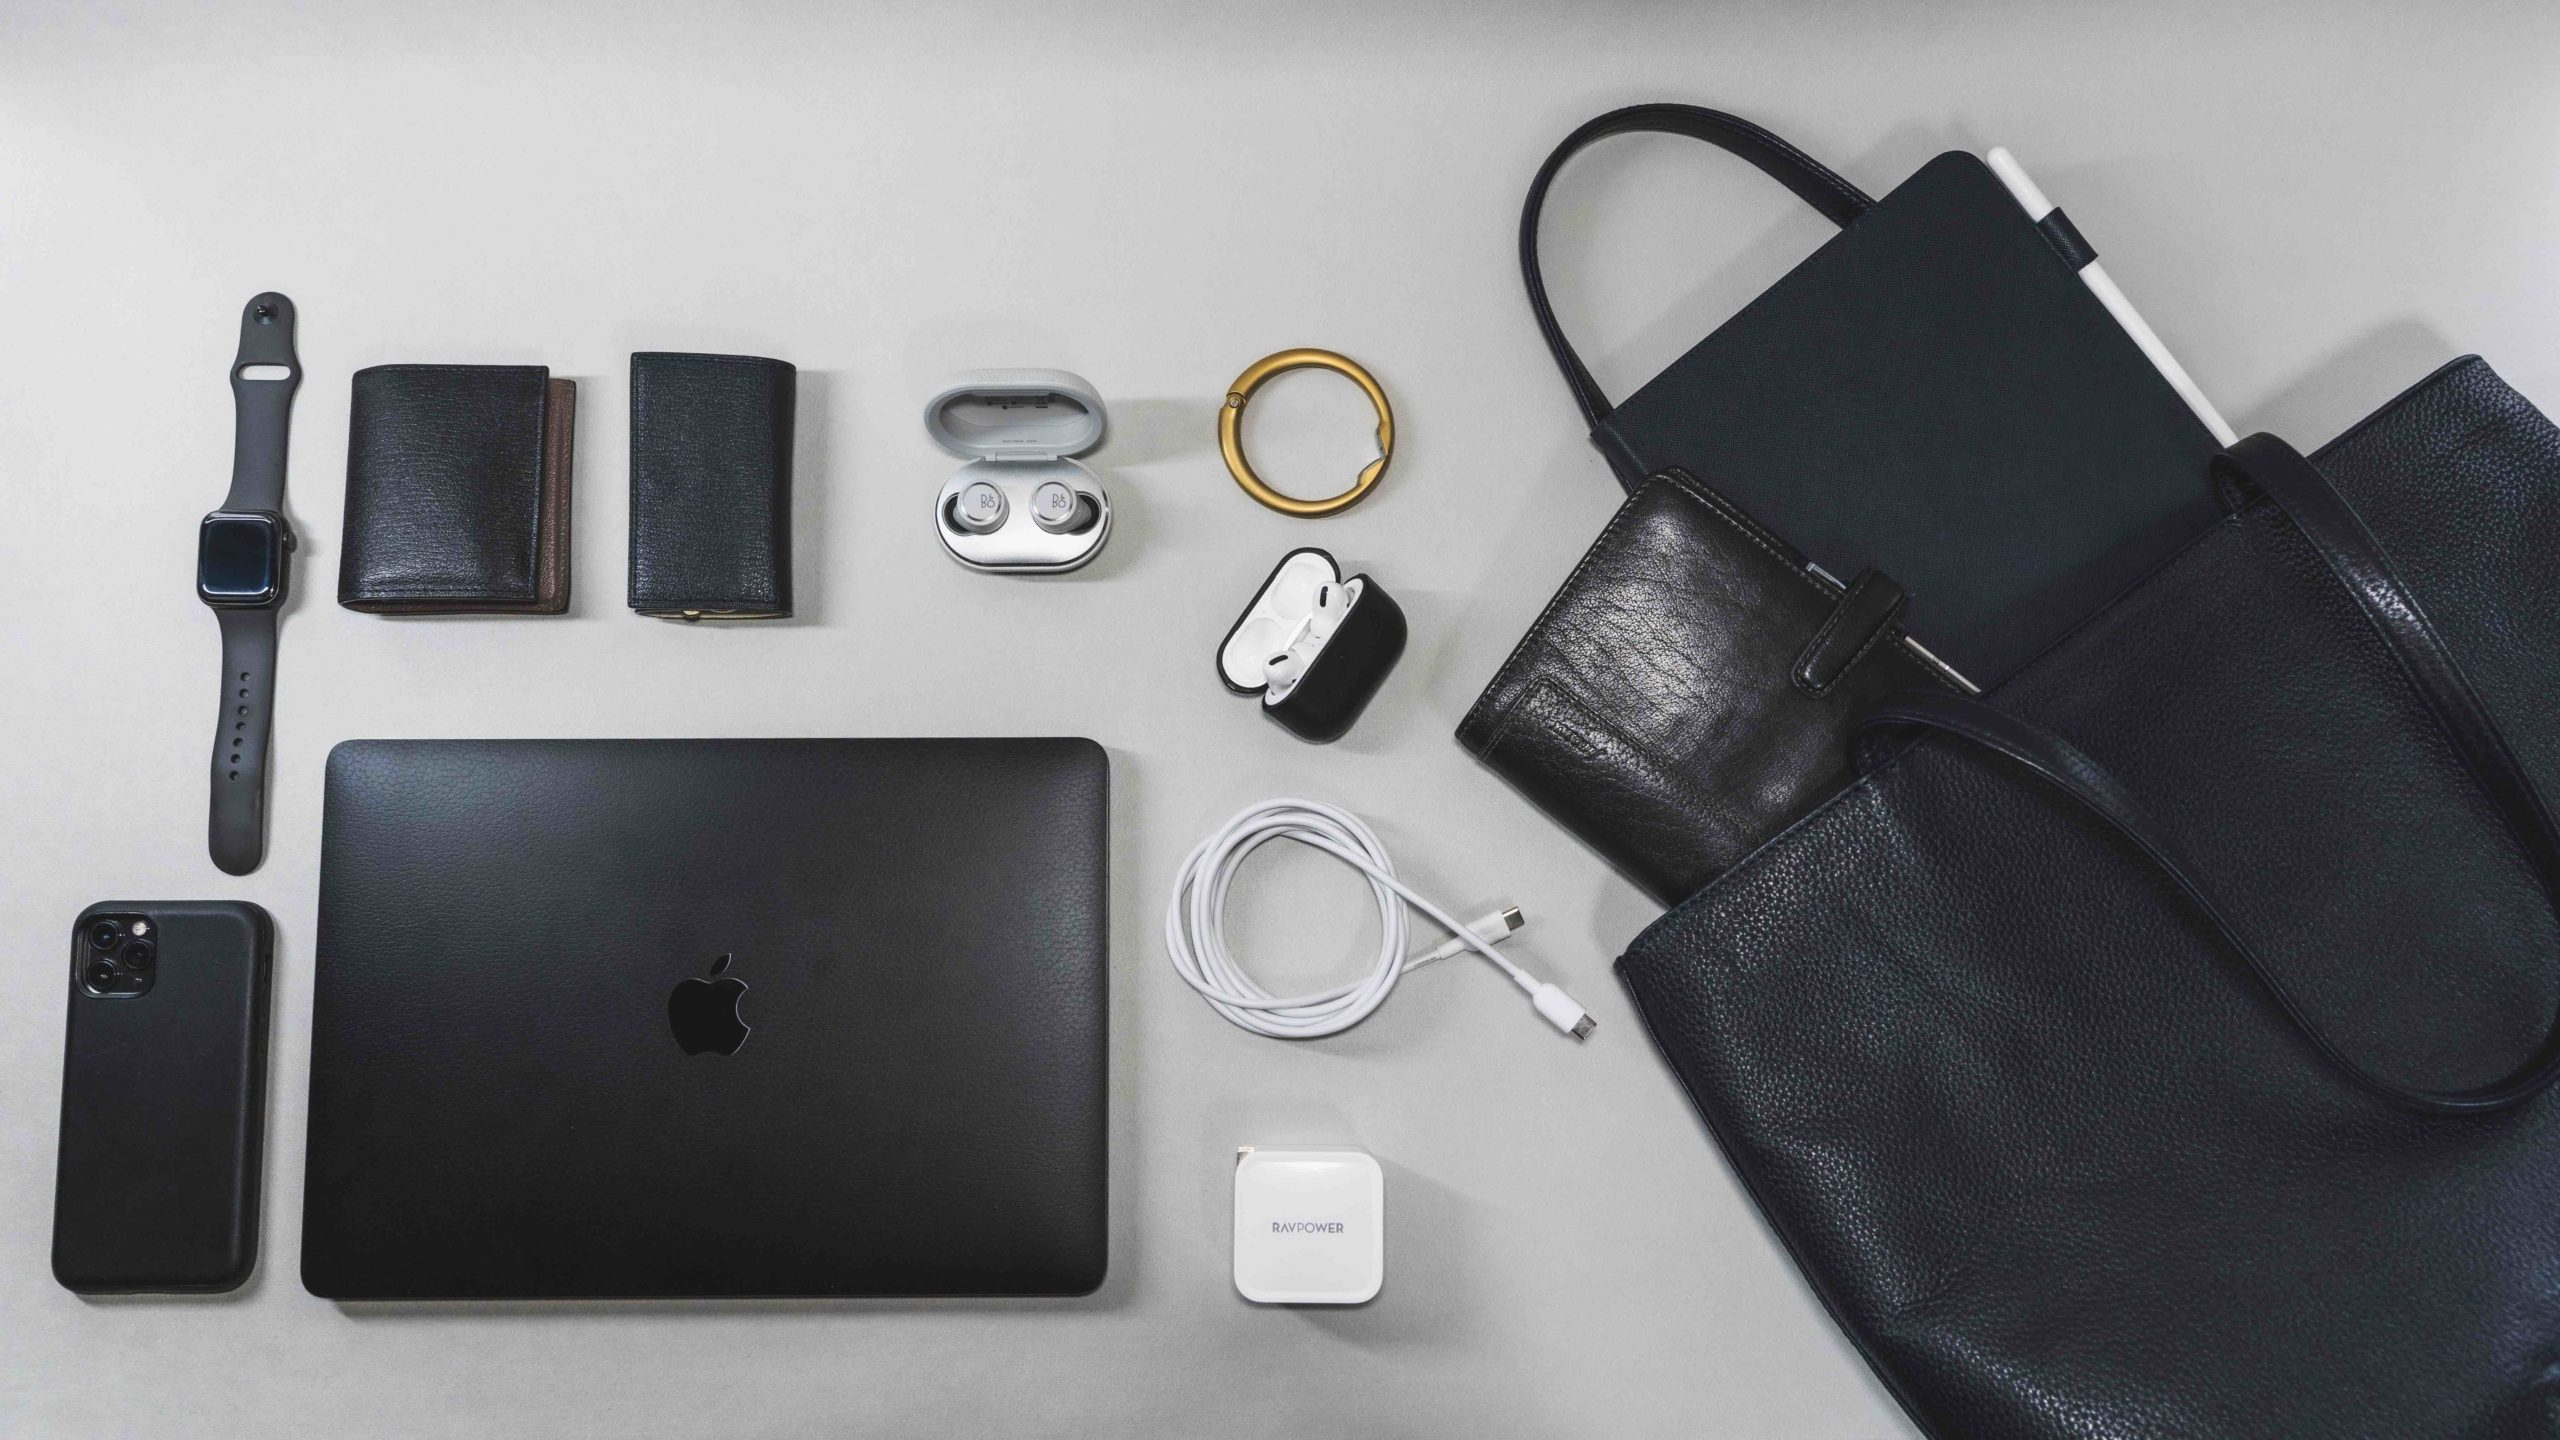 【カバンの中身】ついにMacBook Proがメンバー入り!【2020/06】